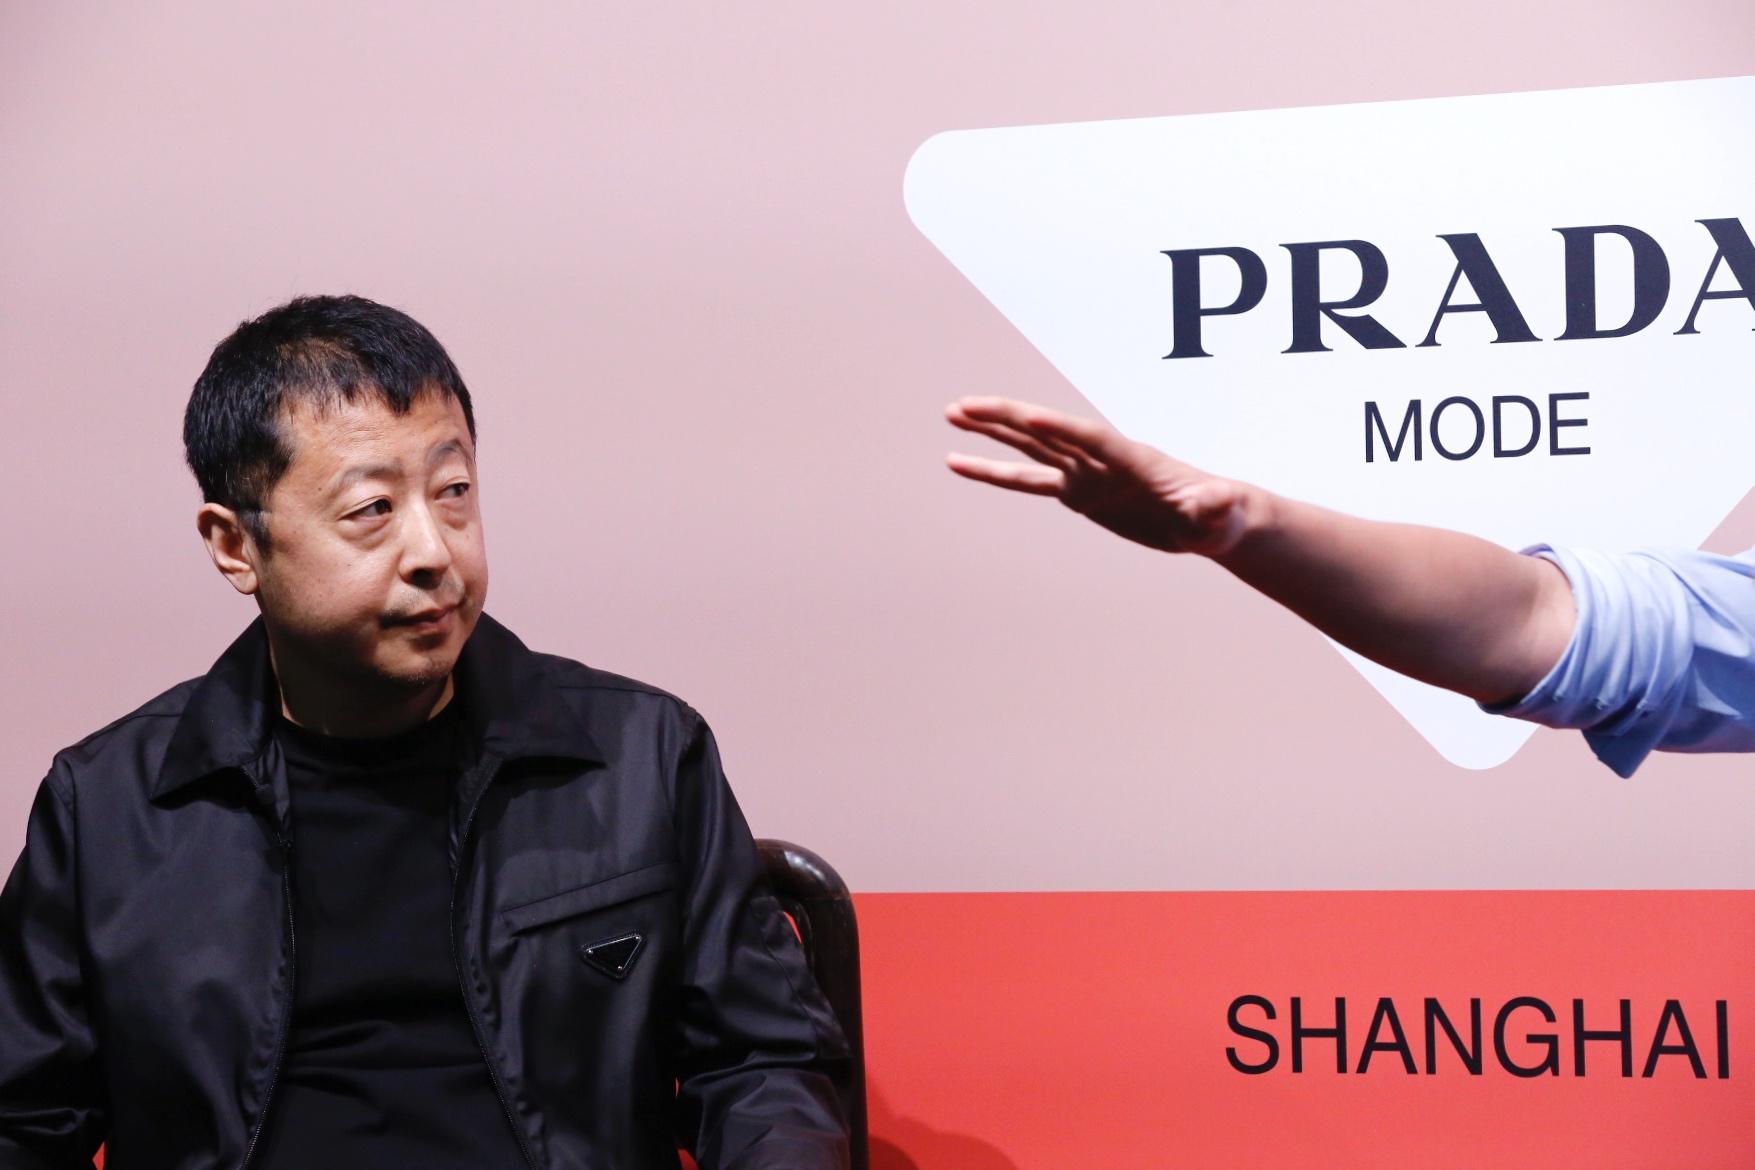 今天,Prada 荣宅重开大门!贾樟柯与《华丽志》一席长谈说了什么?